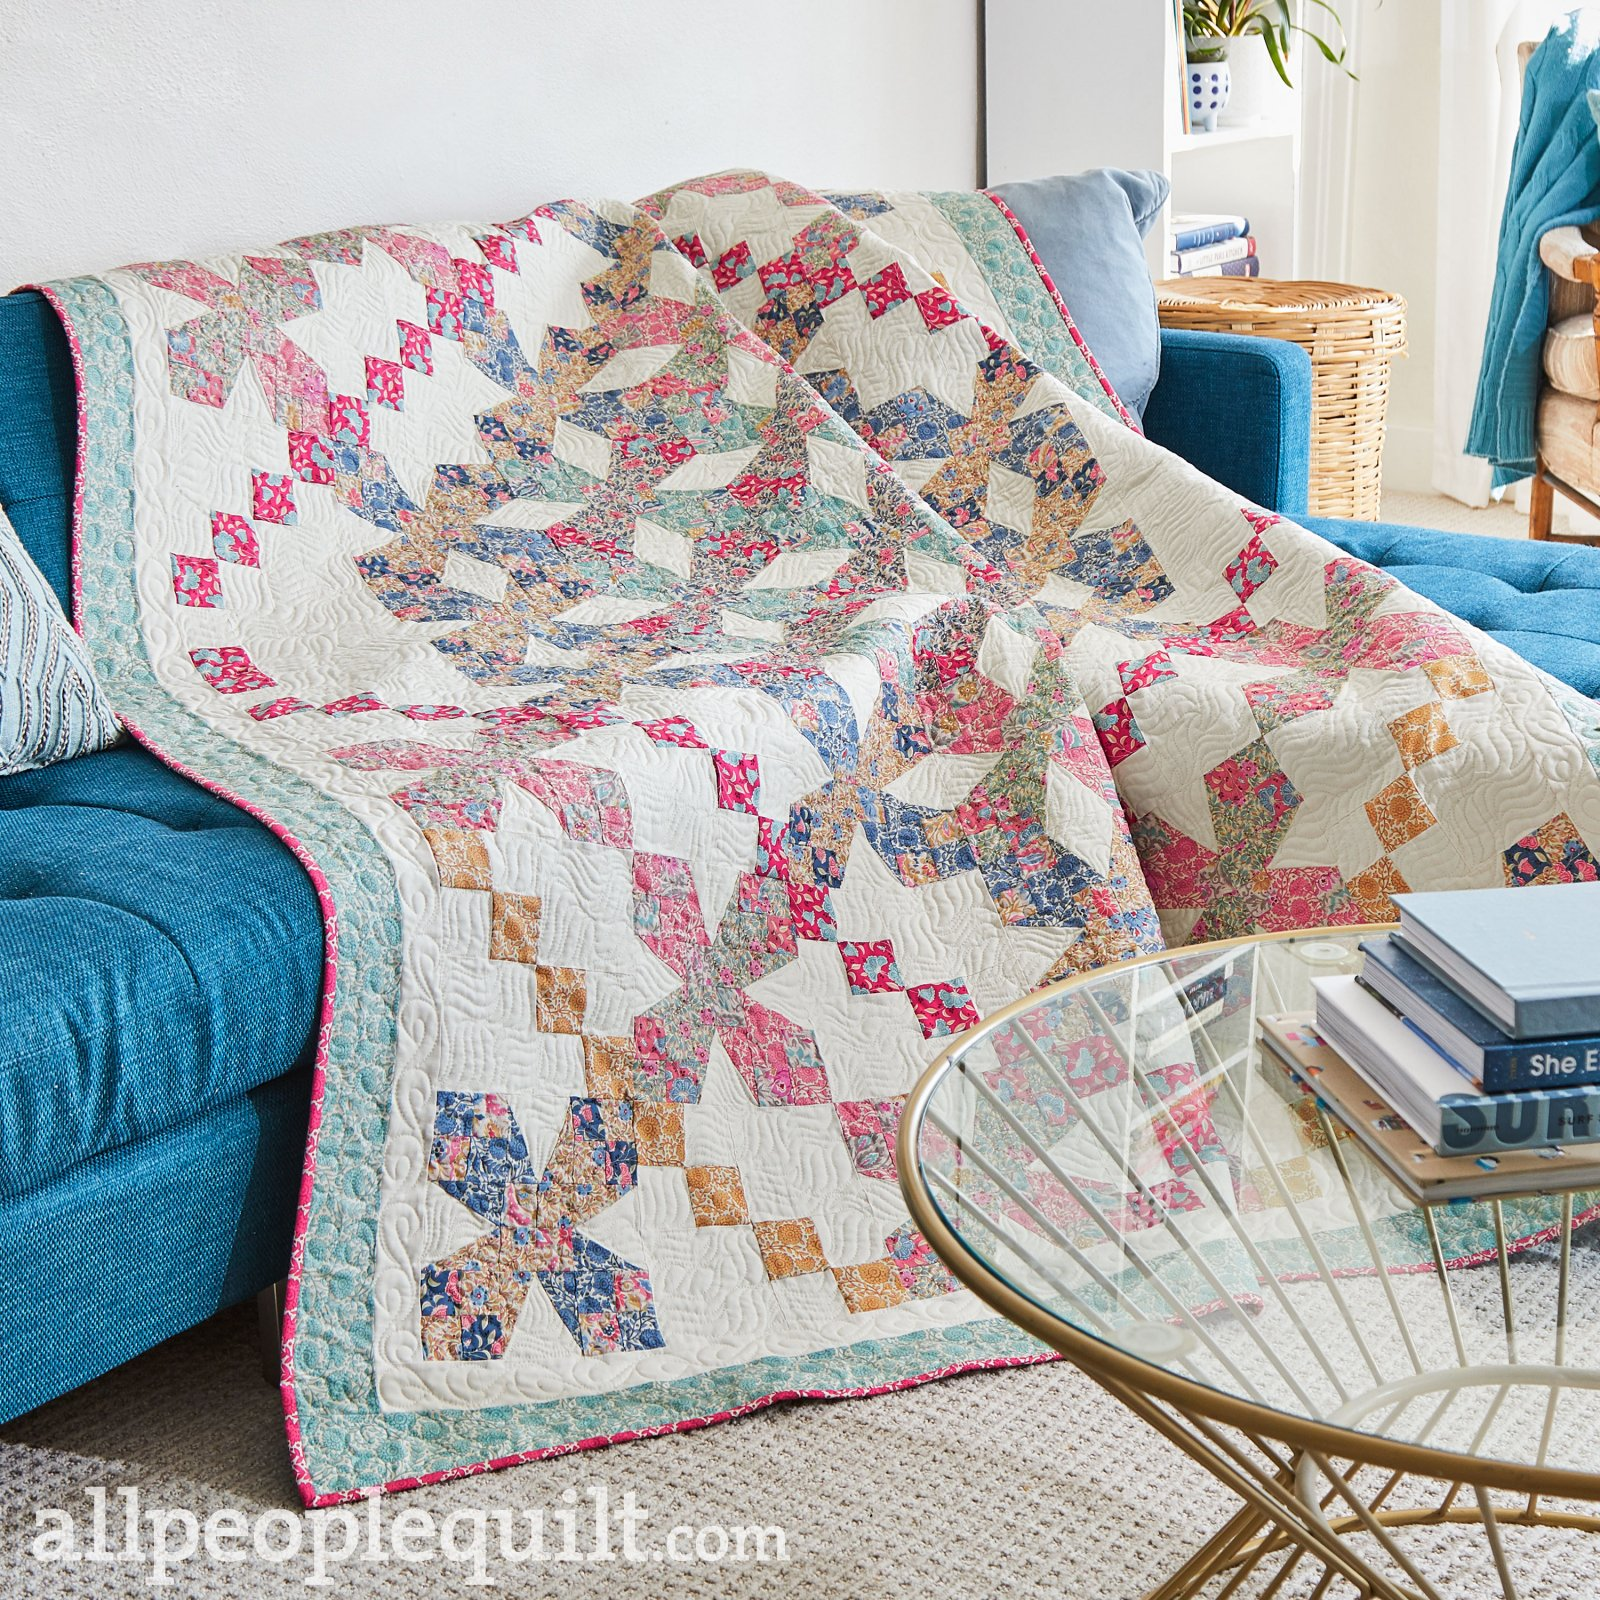 Criss Cross Tiles Quilt Kit